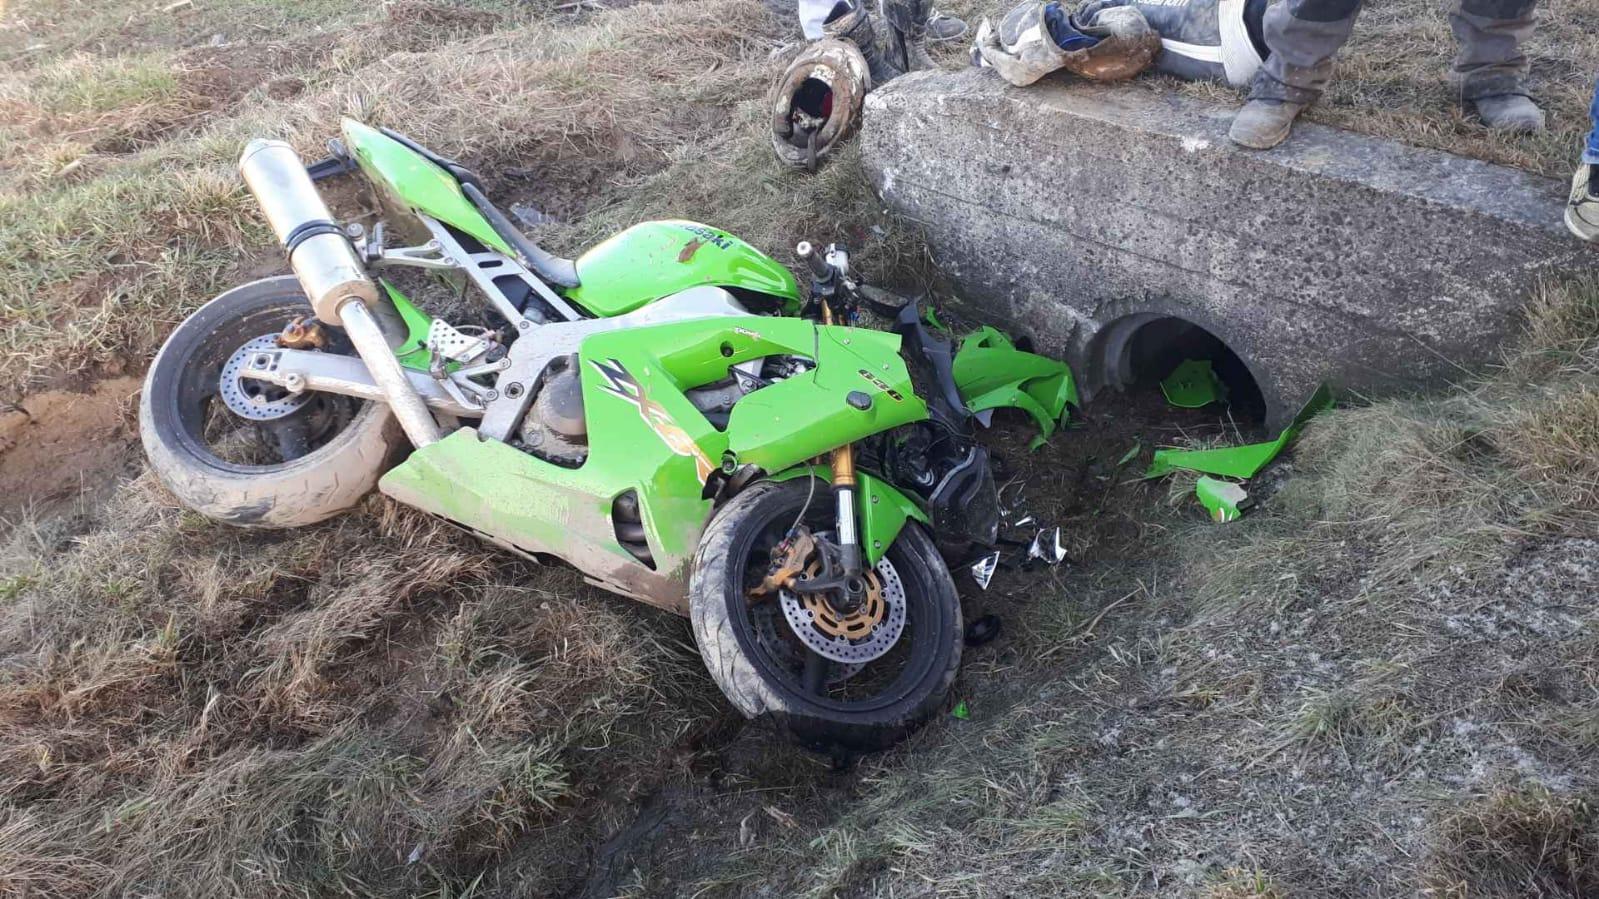 Motocyklista ranny w wypadku [AKTUALIZACJA]